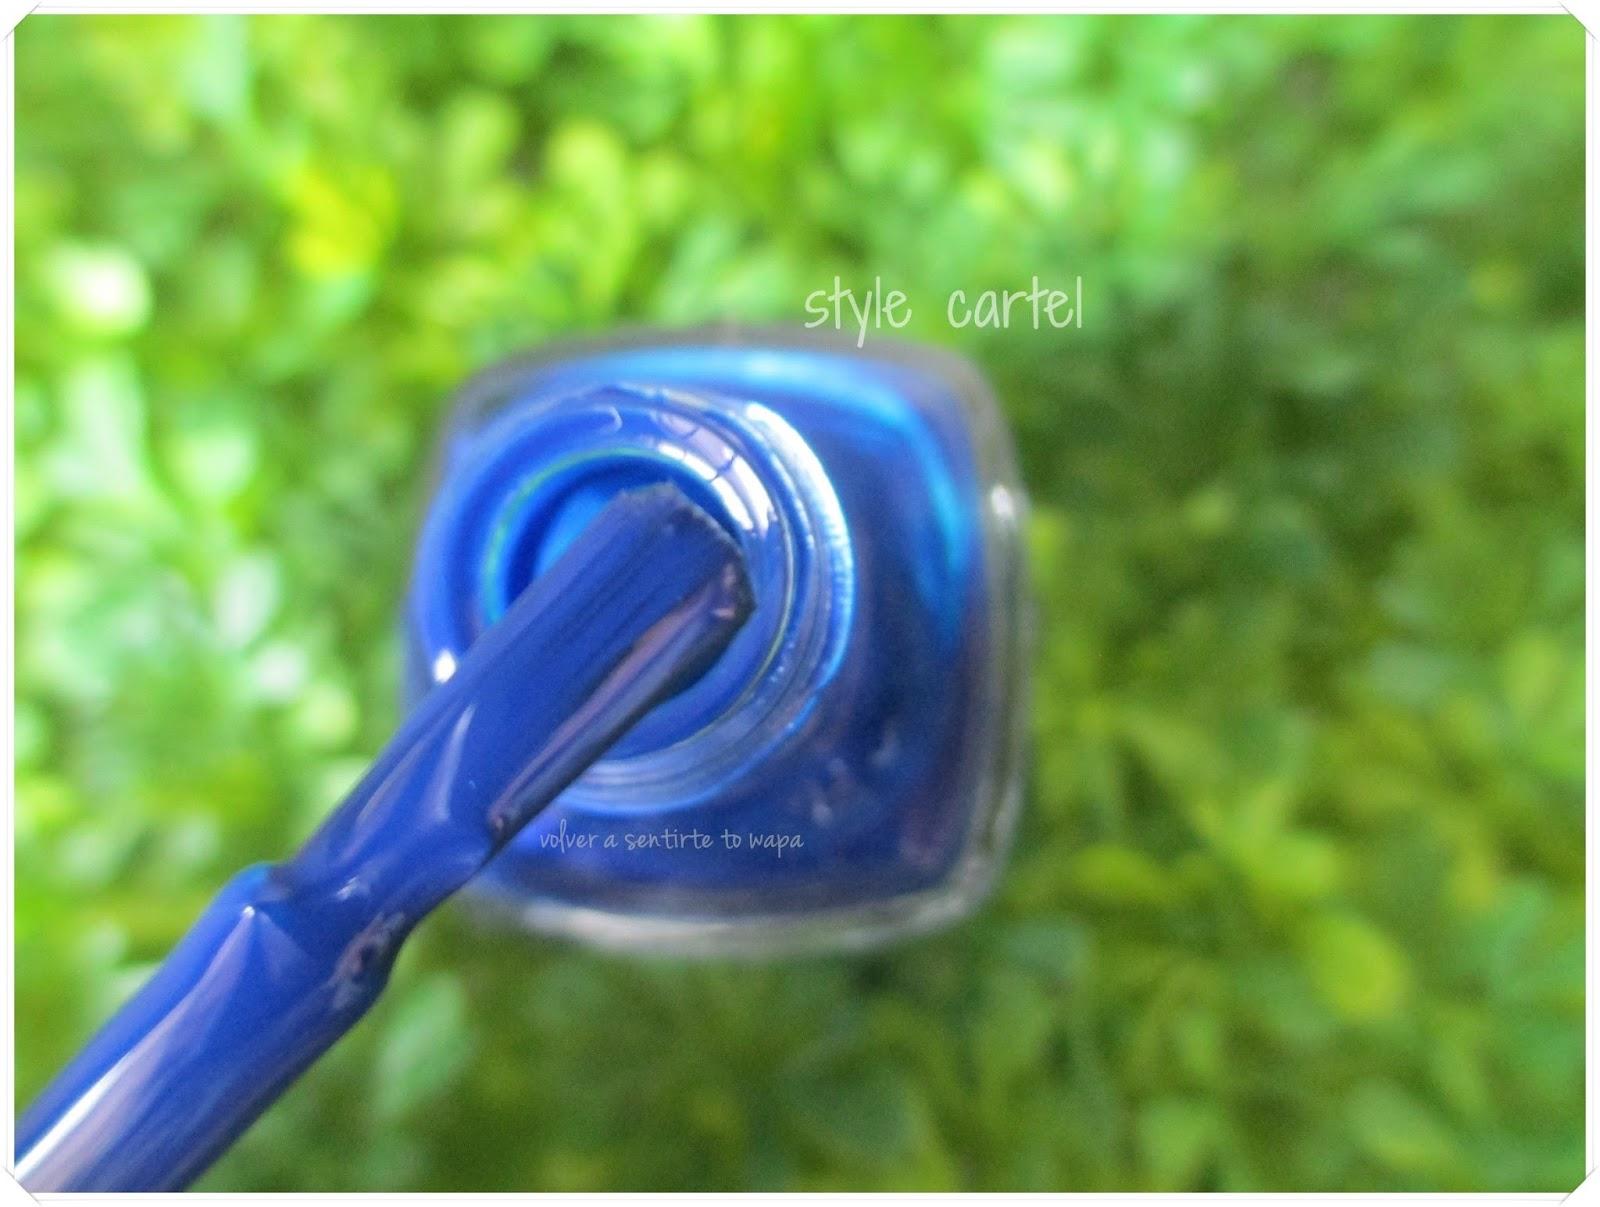 ESSIE Nails - otoño 2014 - Style Cartel